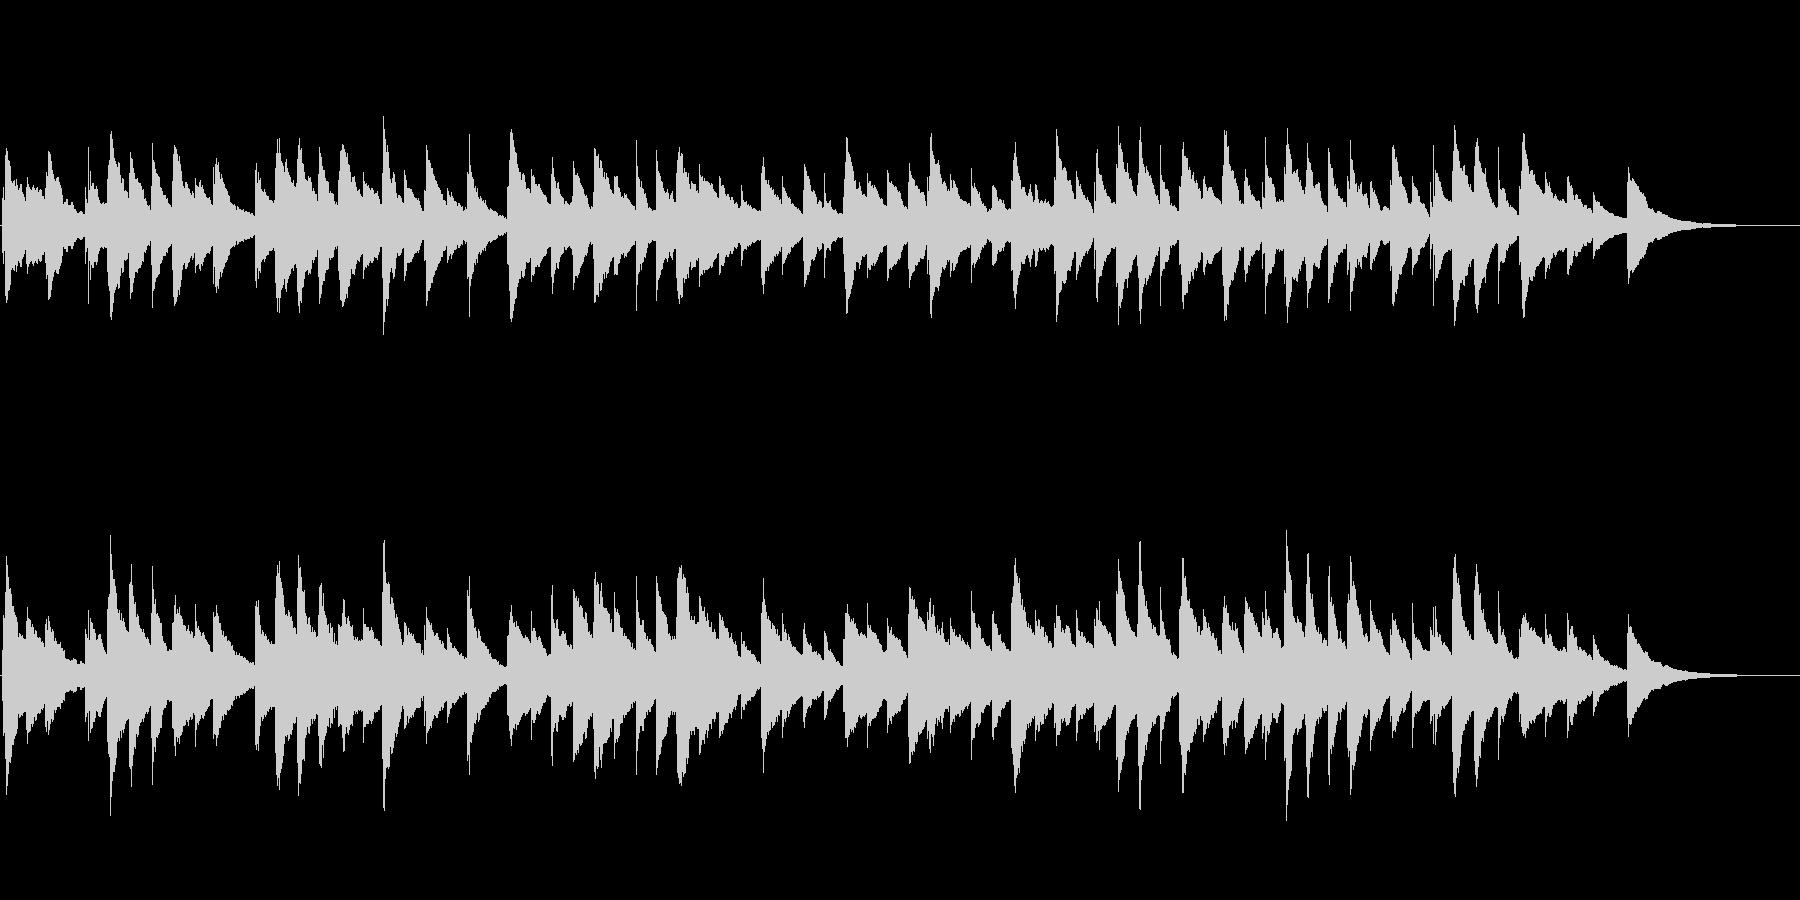 物語の始まりを予感させるオルゴール音楽の未再生の波形